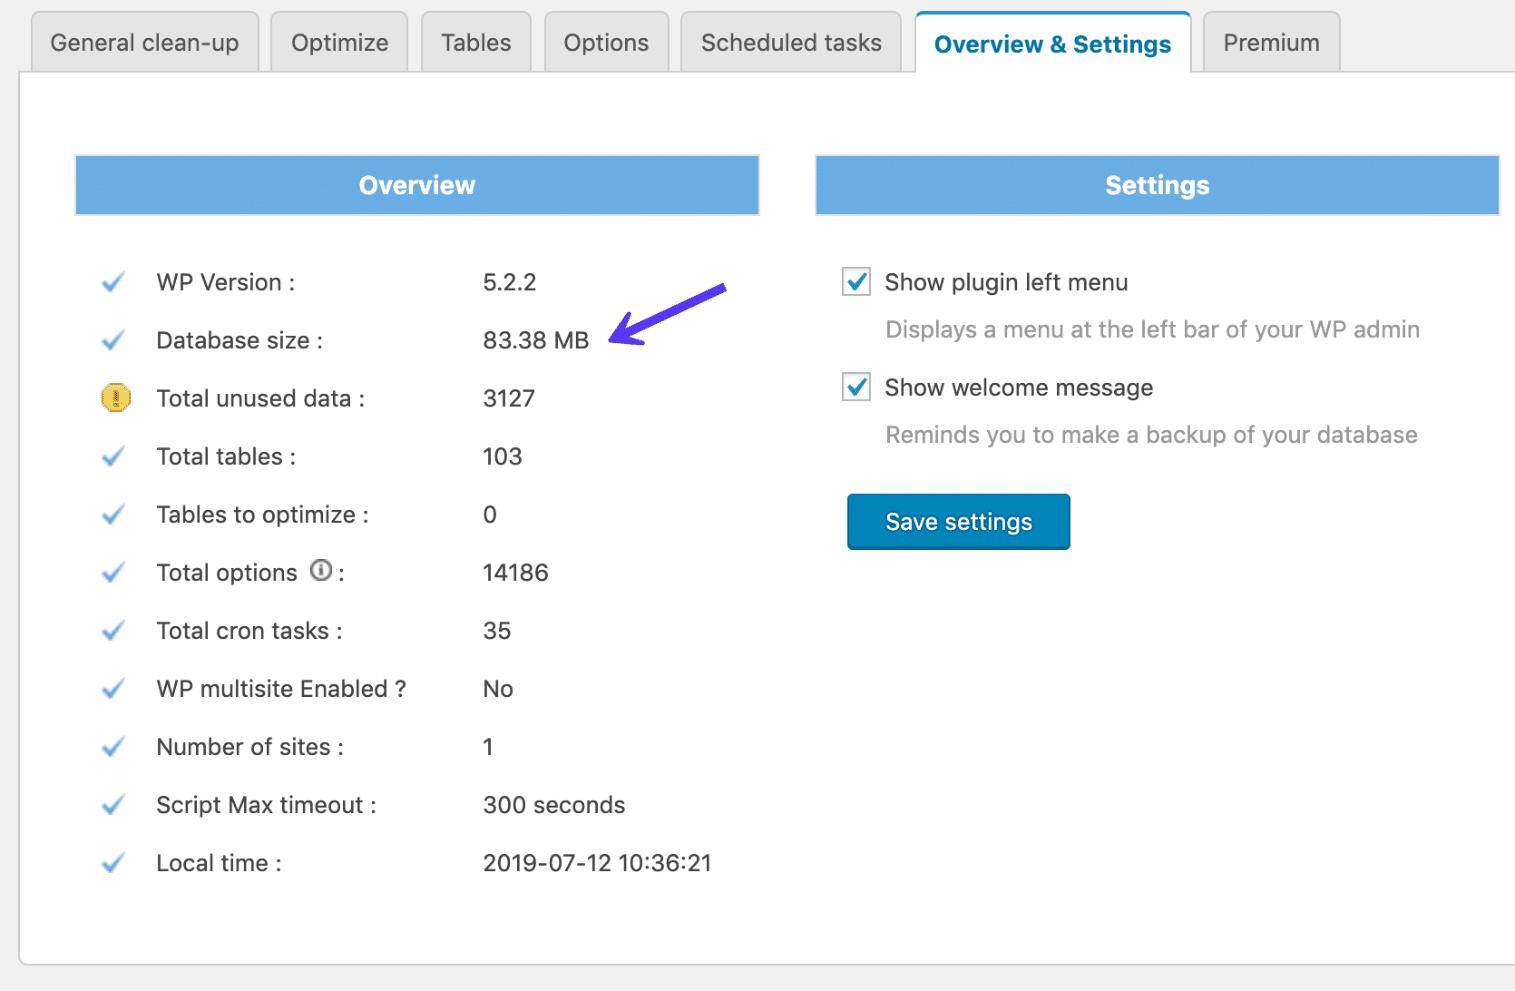 Tamanho total do banco de dados no plugin